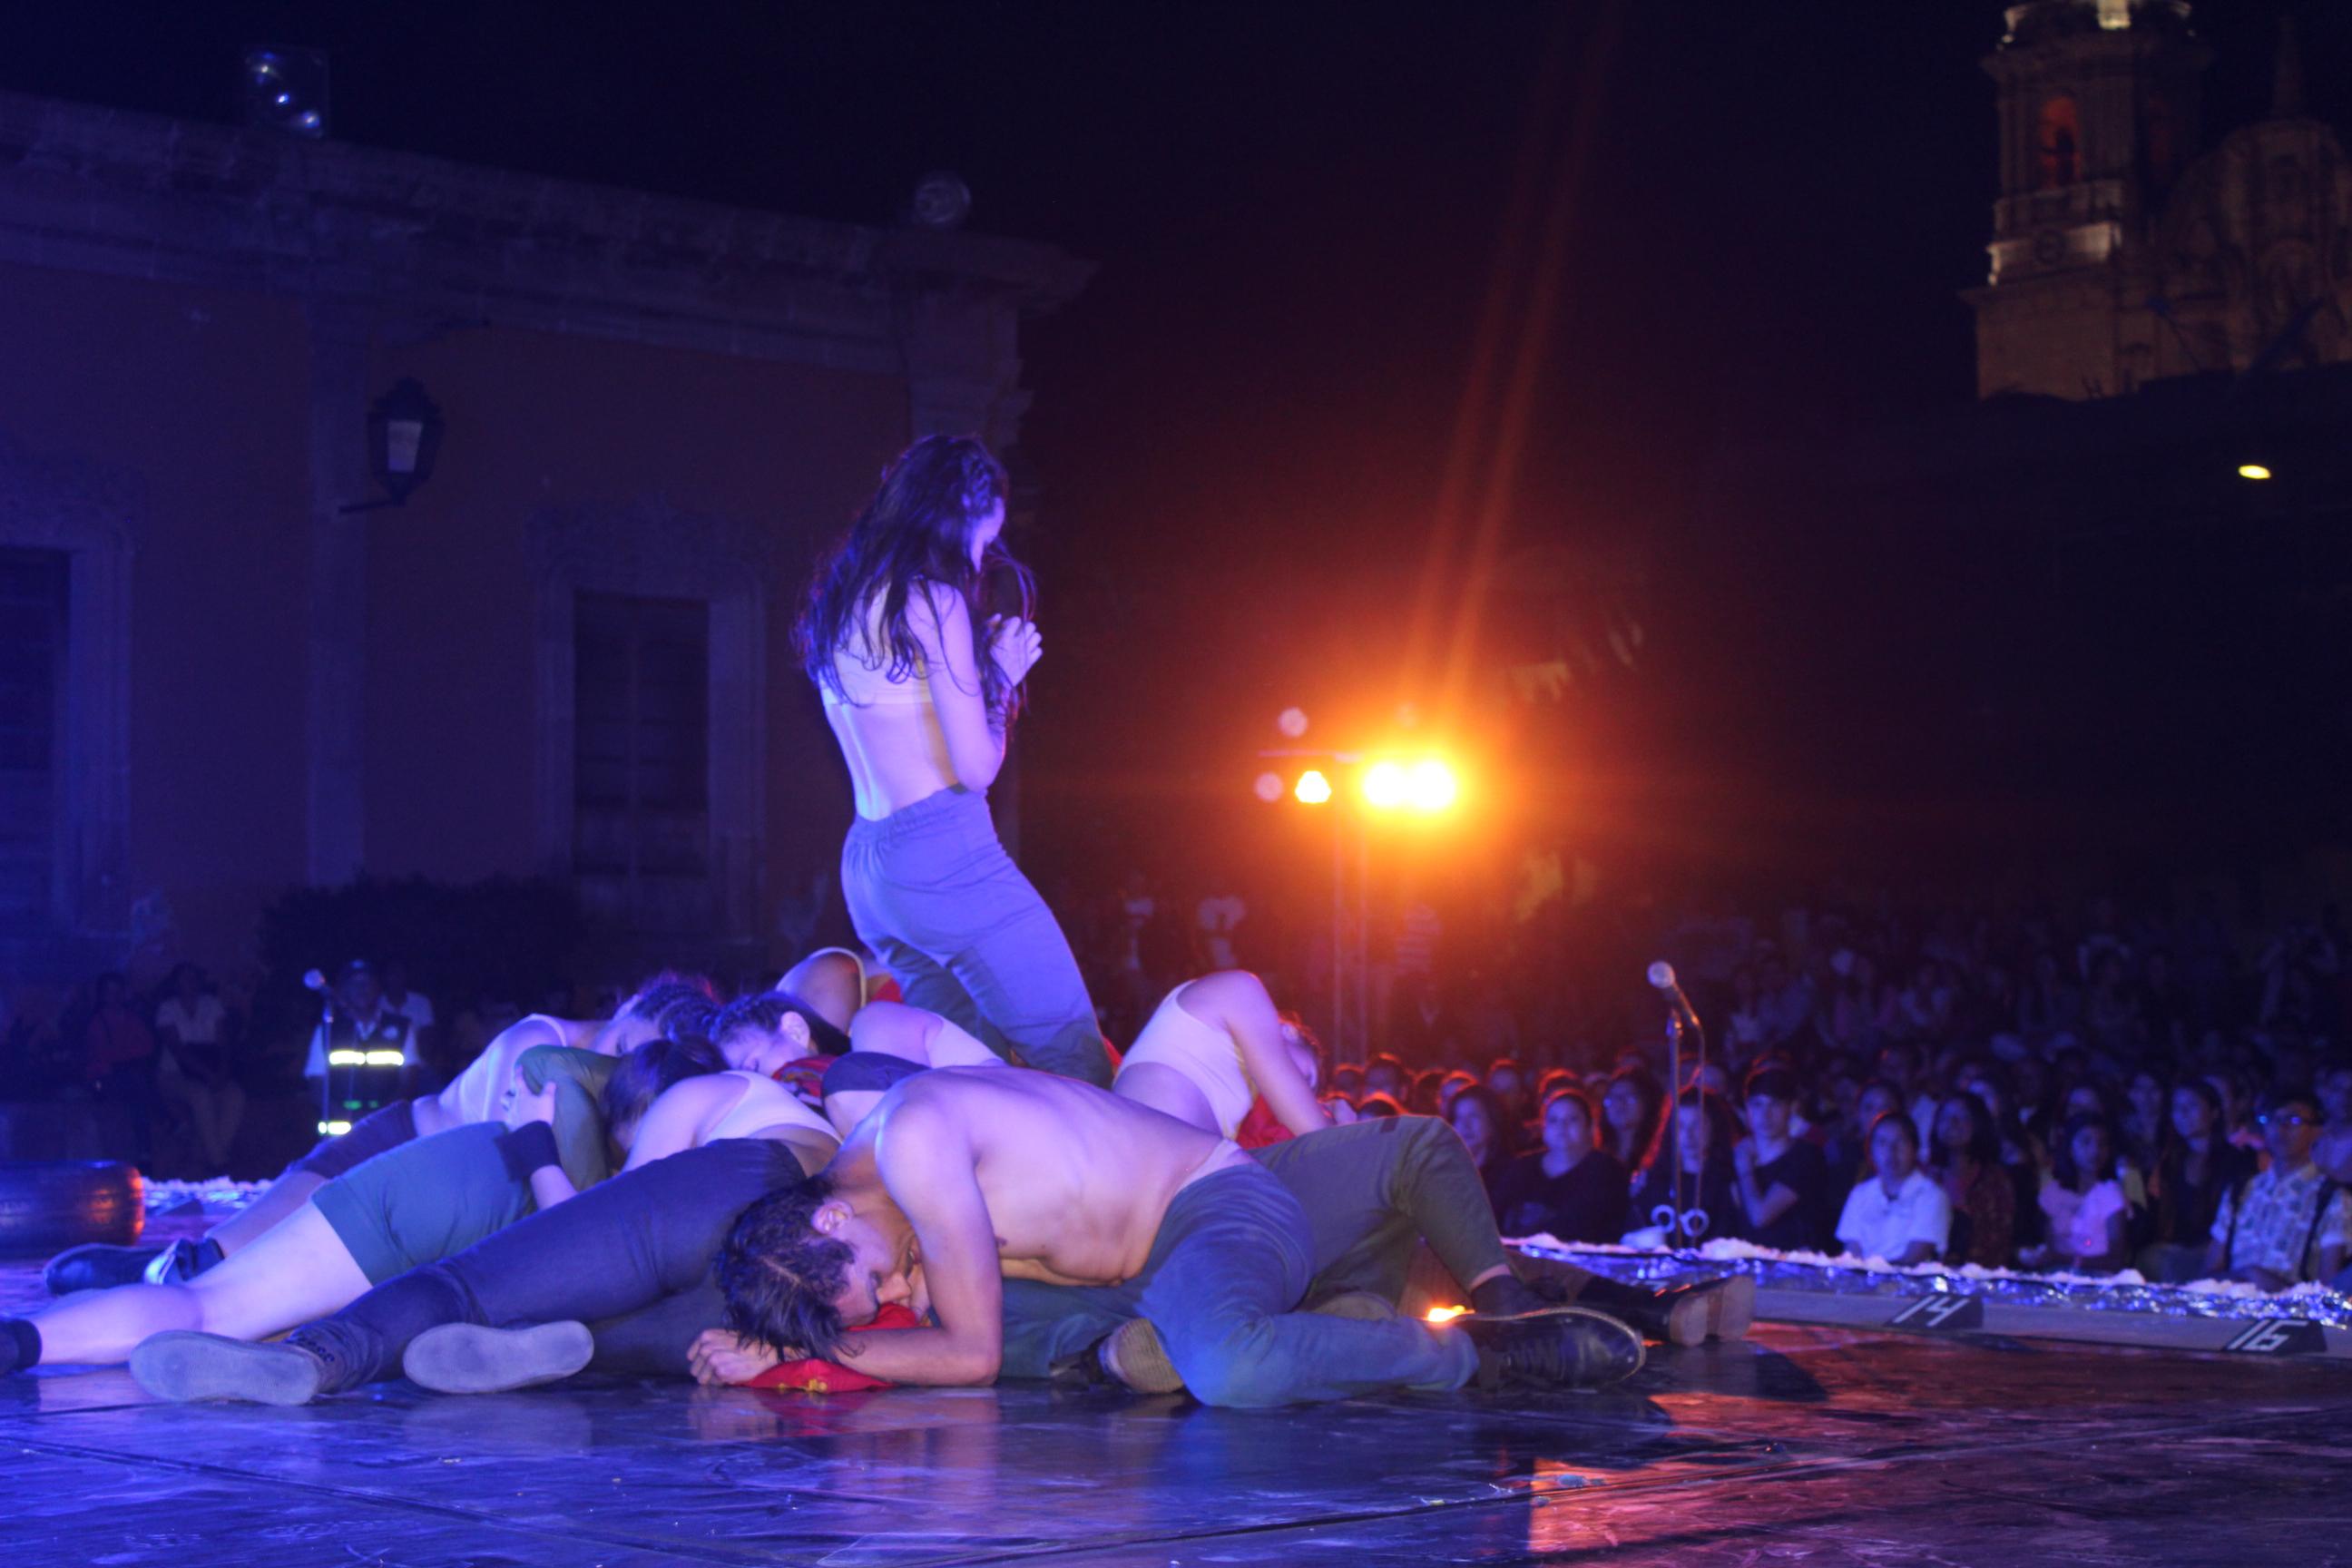 Durante la presentación, los artistas hicieron uso de sus fuerzas expresivas en la danza